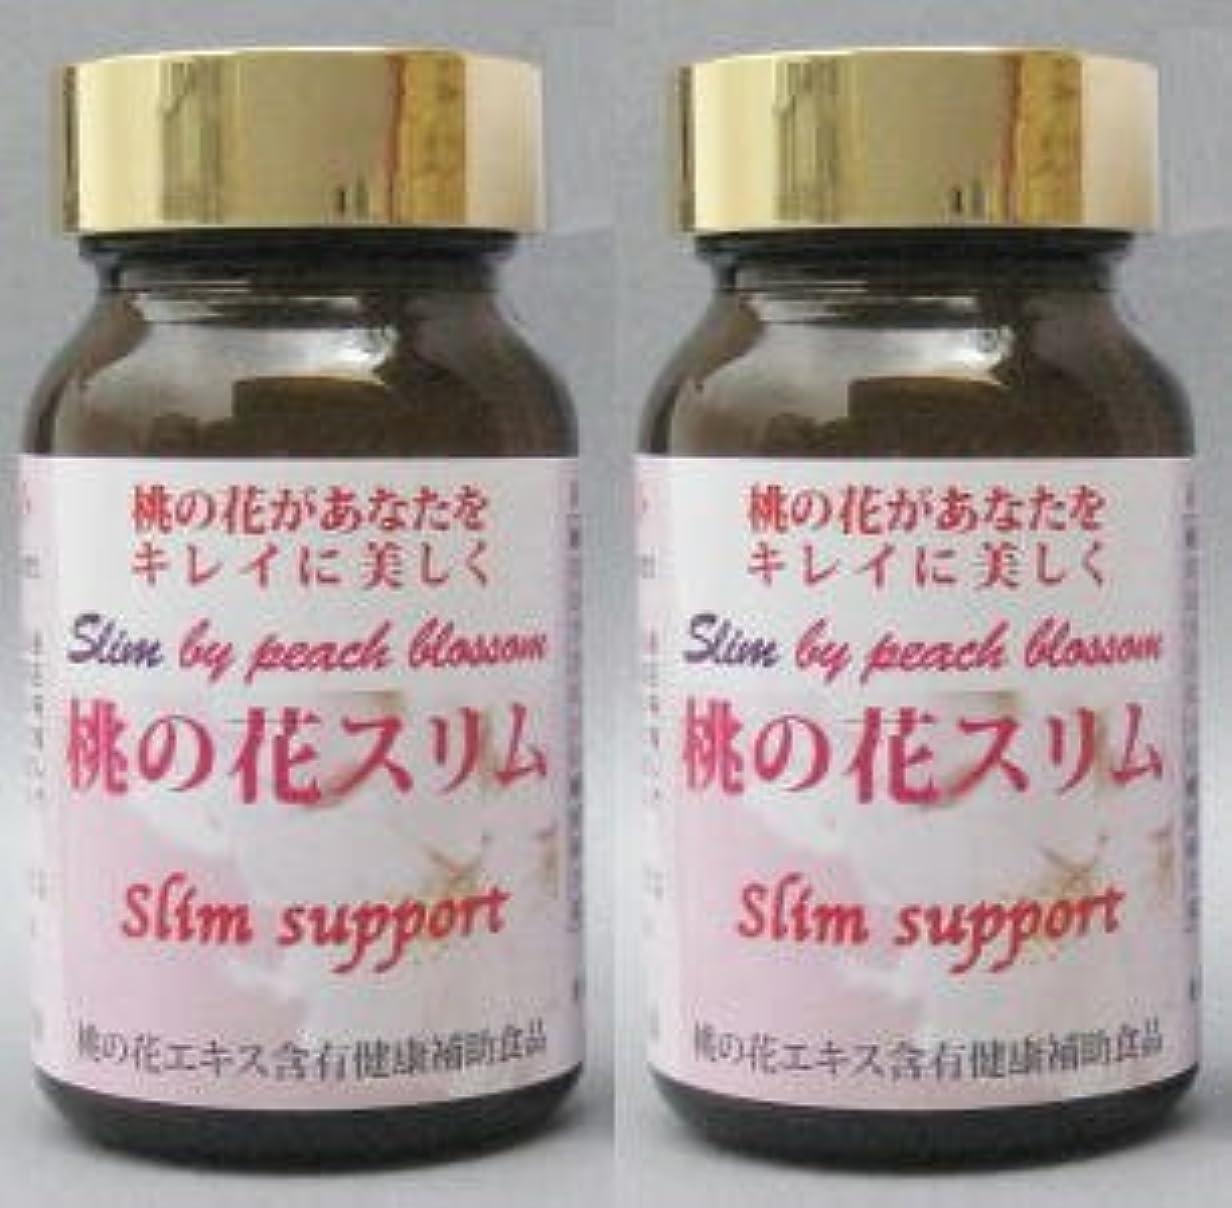 ハドルスカウトくさびSlim support 桃の花エキス含有健康補助食品 桃の花スリム 200mg×180粒 2箱